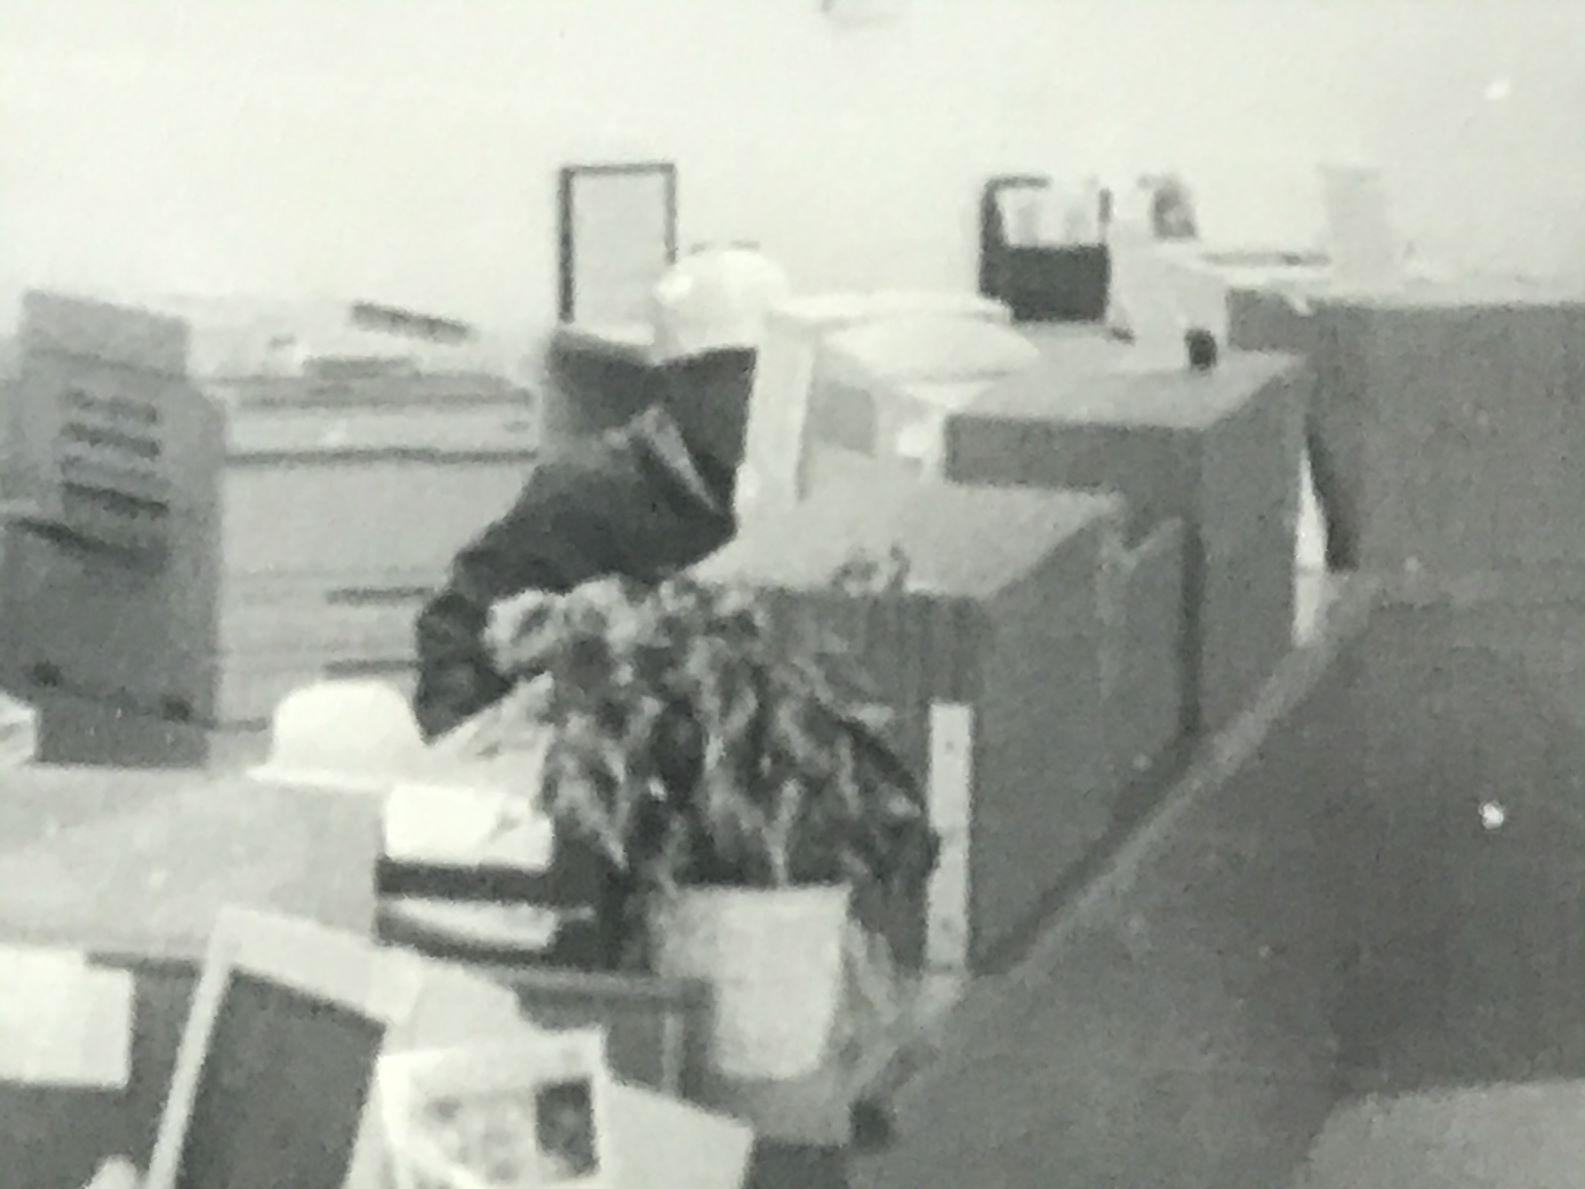 Surveillance still image